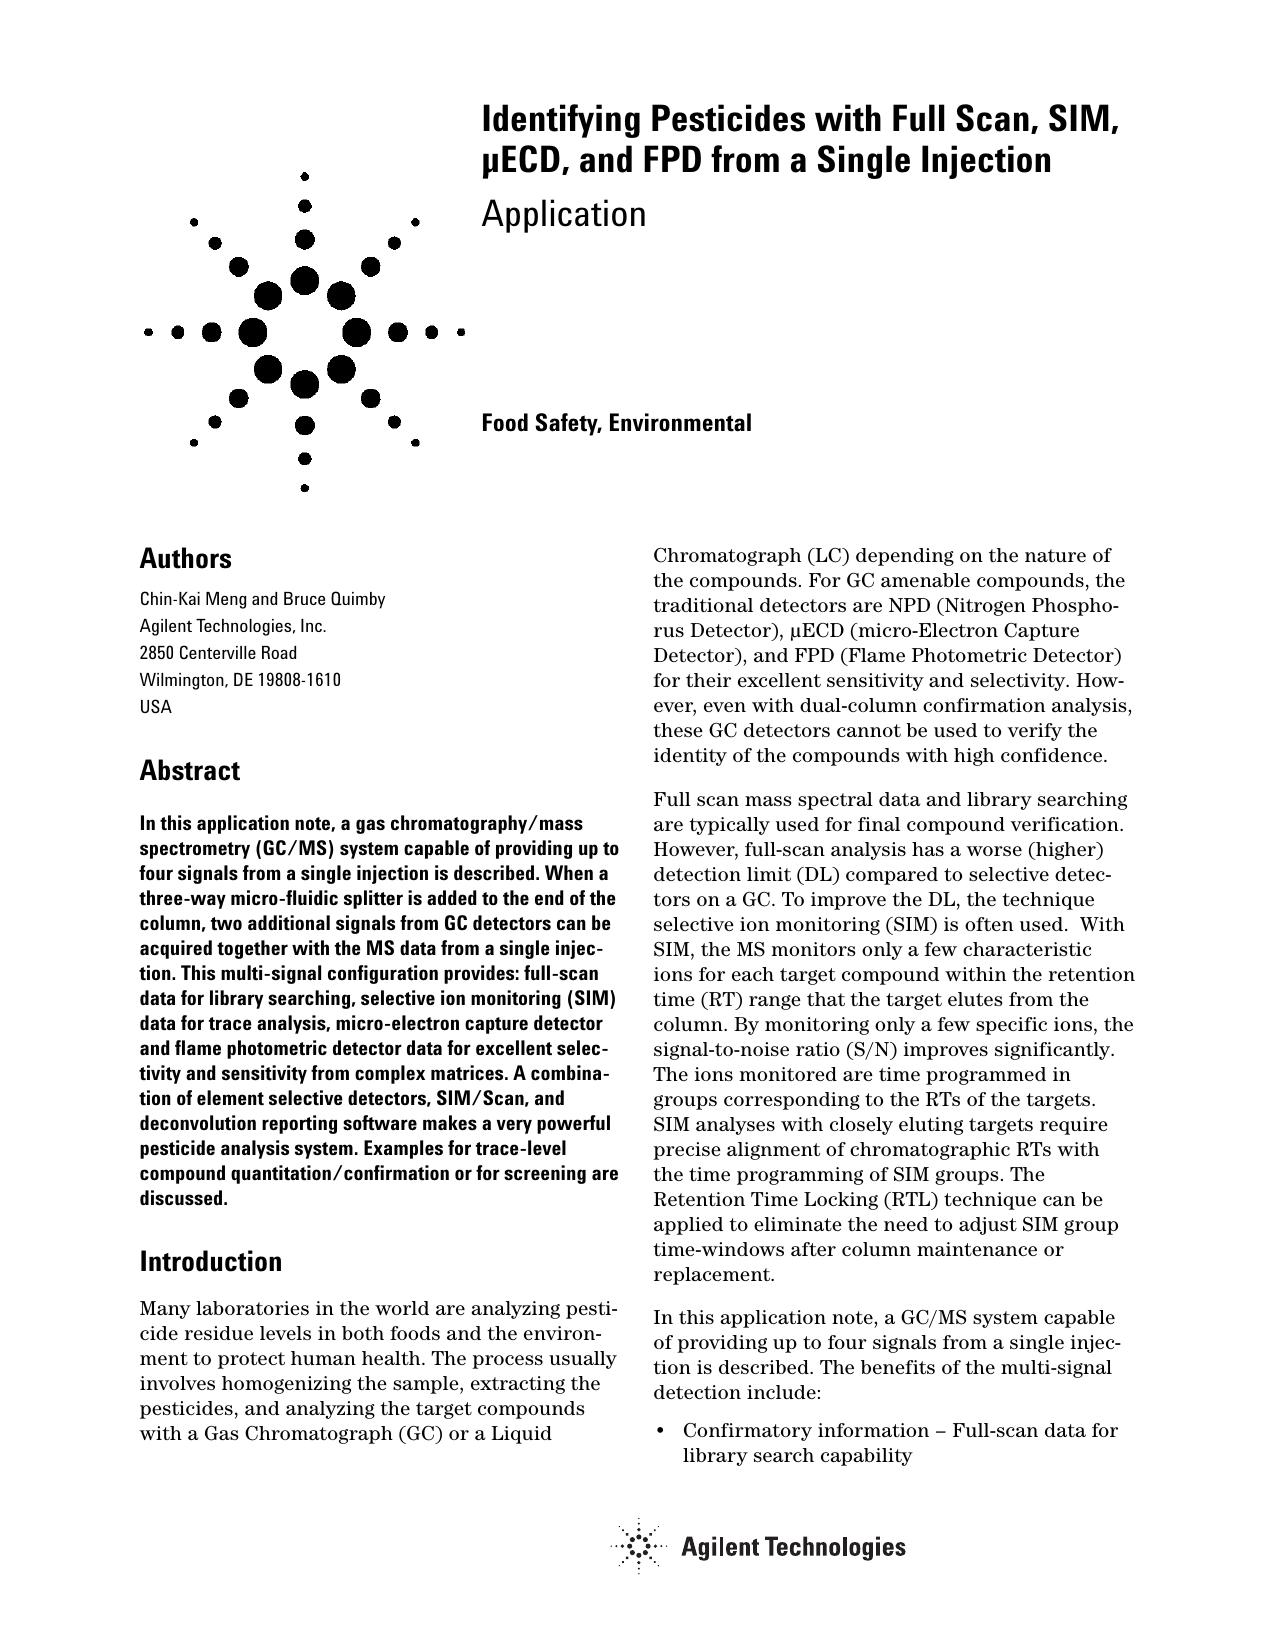 IDing Pesticides | manualzz com